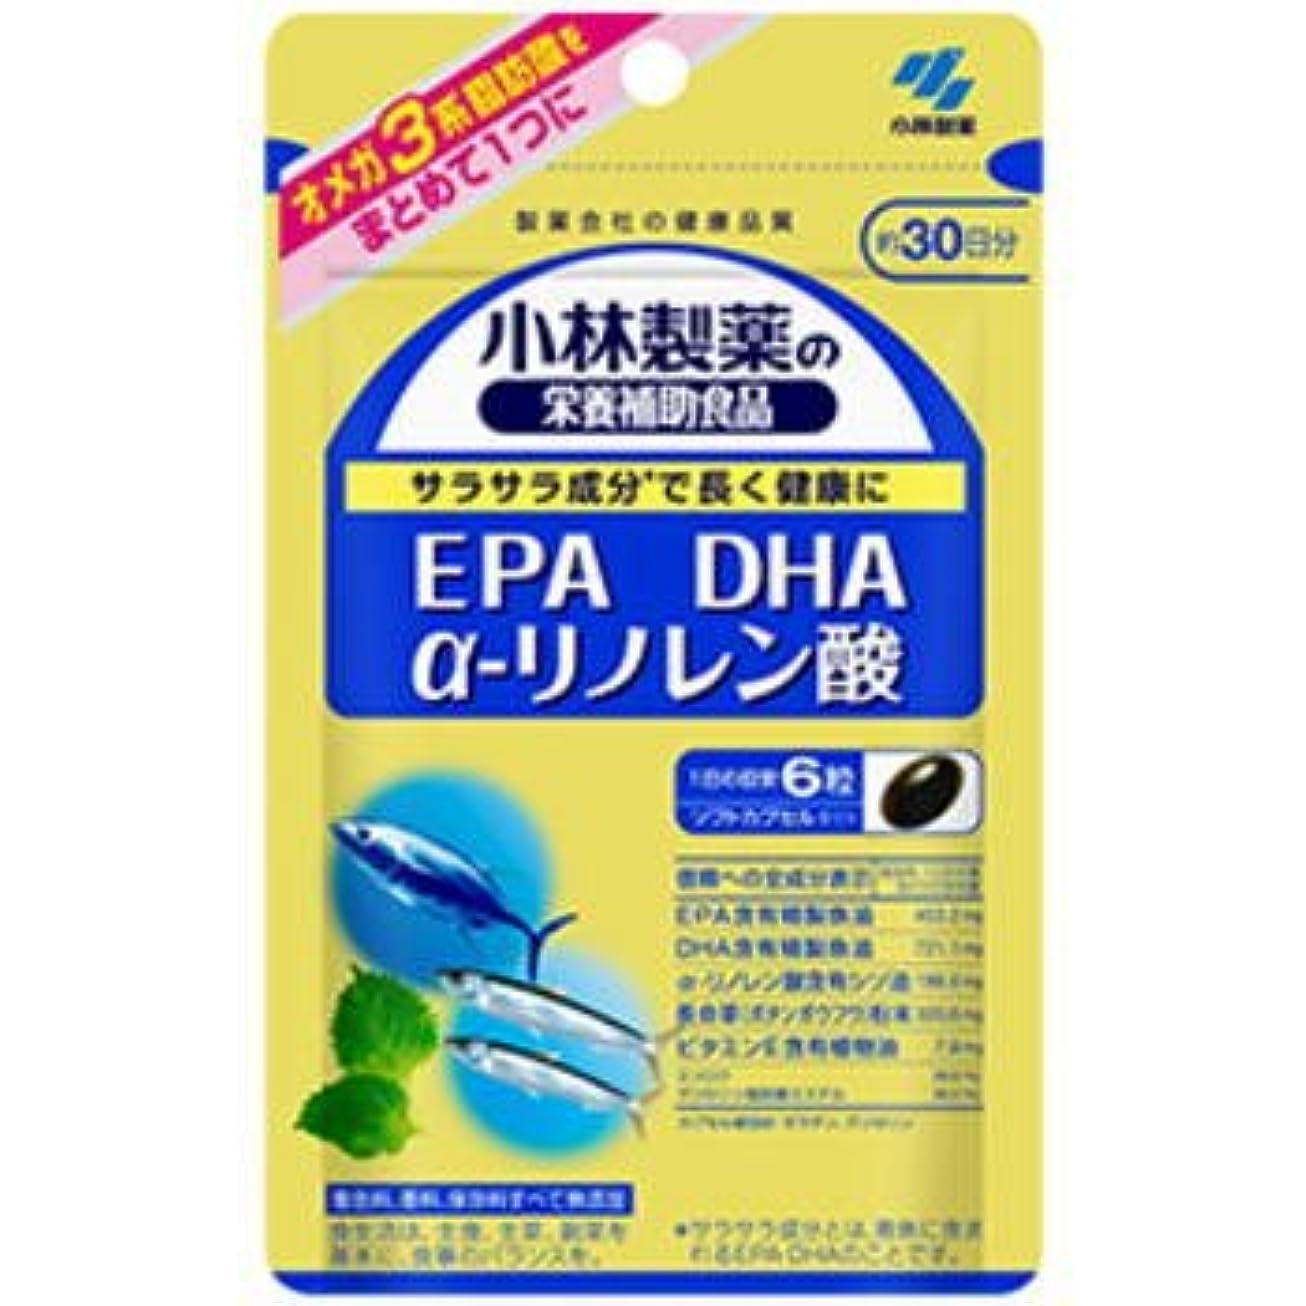 増幅器冗長作る小林製薬 EPA DHA α-リノレン酸 180粒×3個セット【ネコポス発送】